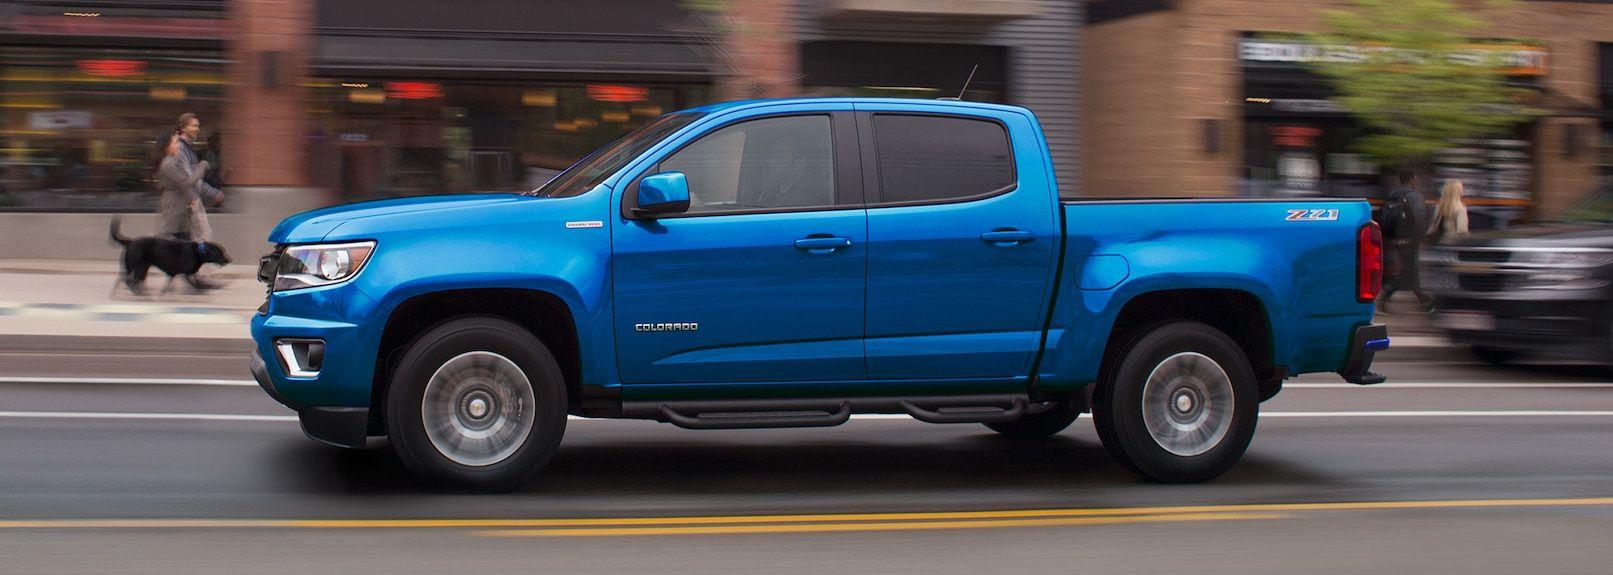 2019 Chevrolet Colorado Financing near Mobile, AL